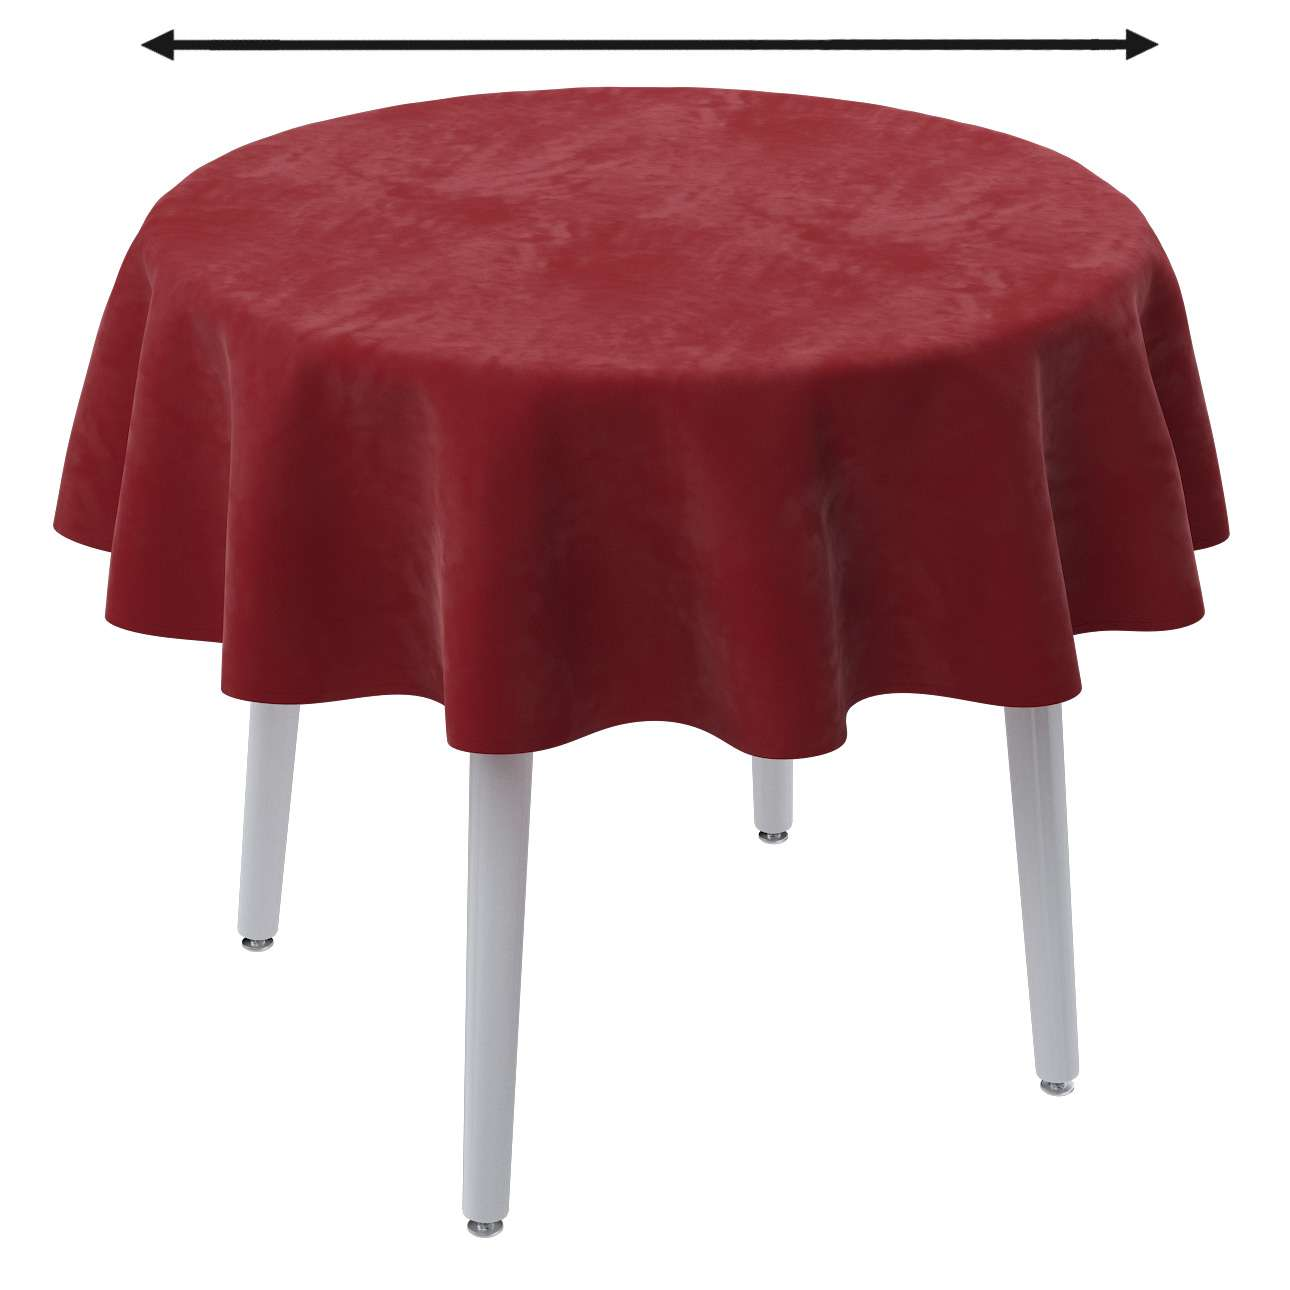 Runde Tischdecke von der Kollektion Velvet, Stoff: 704-15